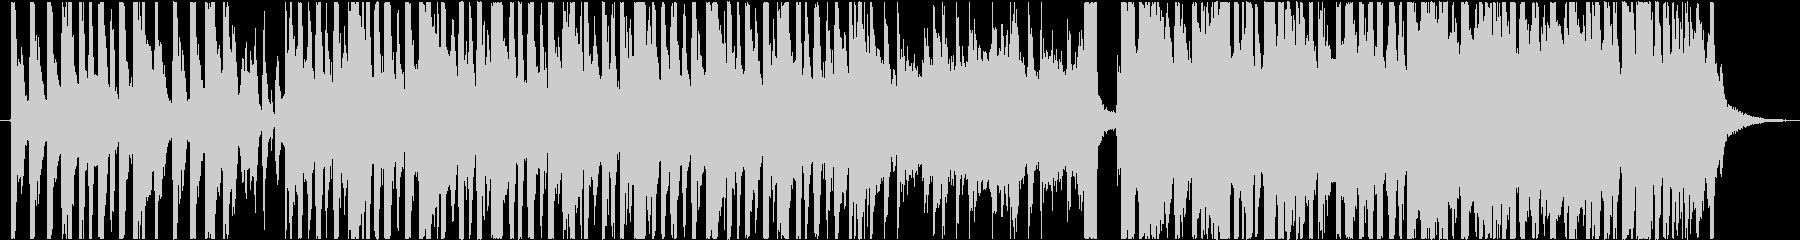 ハロウィンテーマ(ビッグバンド風)の未再生の波形